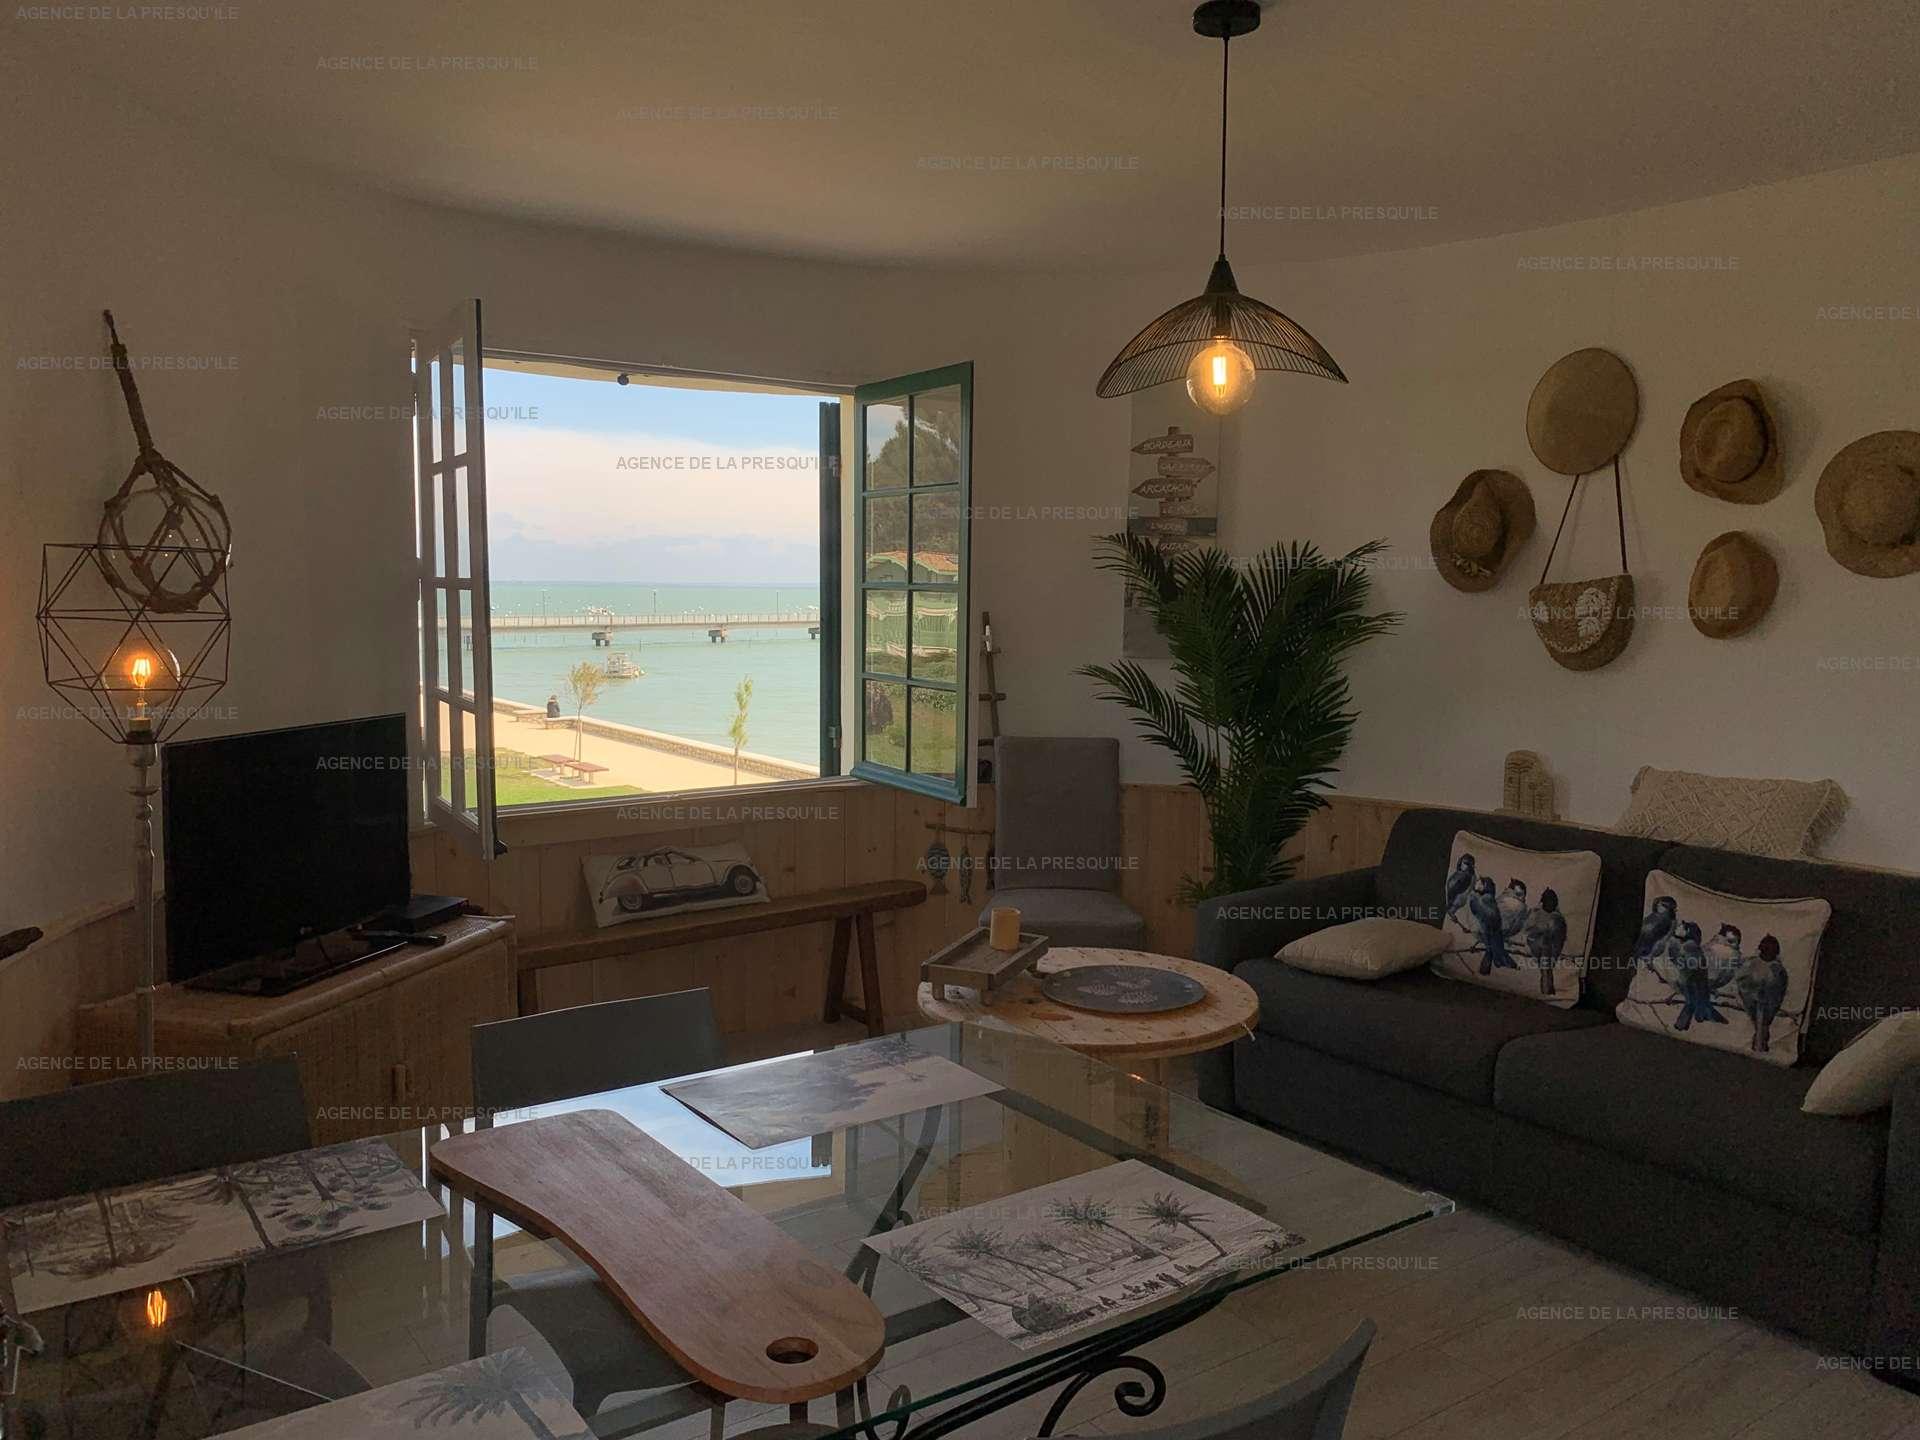 Location: Agréable appartement en plein coeur du cap-ferret 4